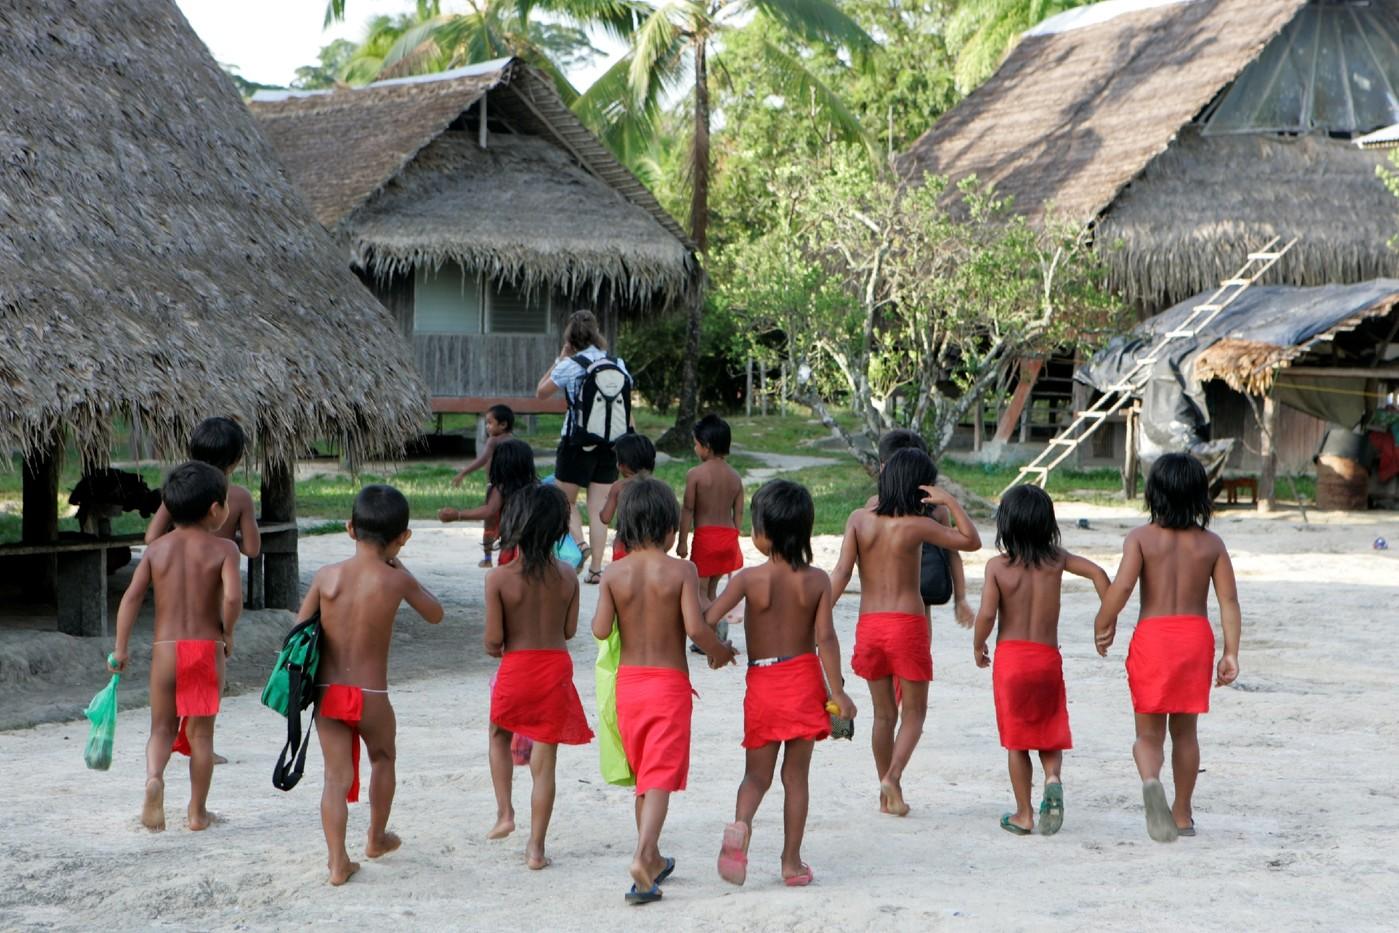 Guyane: Cinq suicides et 13 tentatives de pendaison en 3 mois chez les jeunes Amérindiens